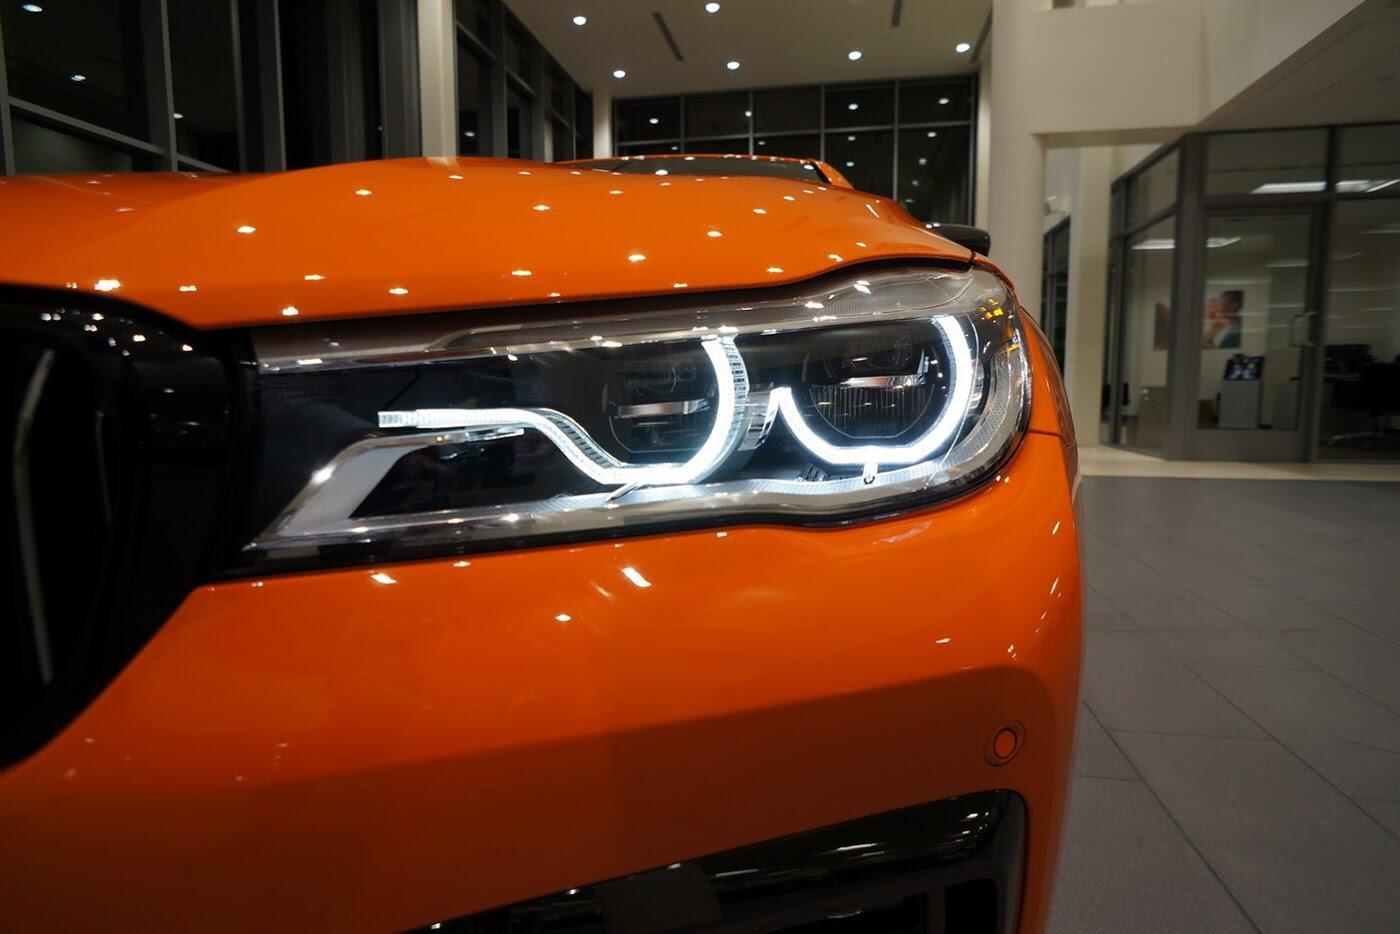 Cận cảnh BMW 750i 2017 phiên bản đặc biệt Fire Orange - Hình 11